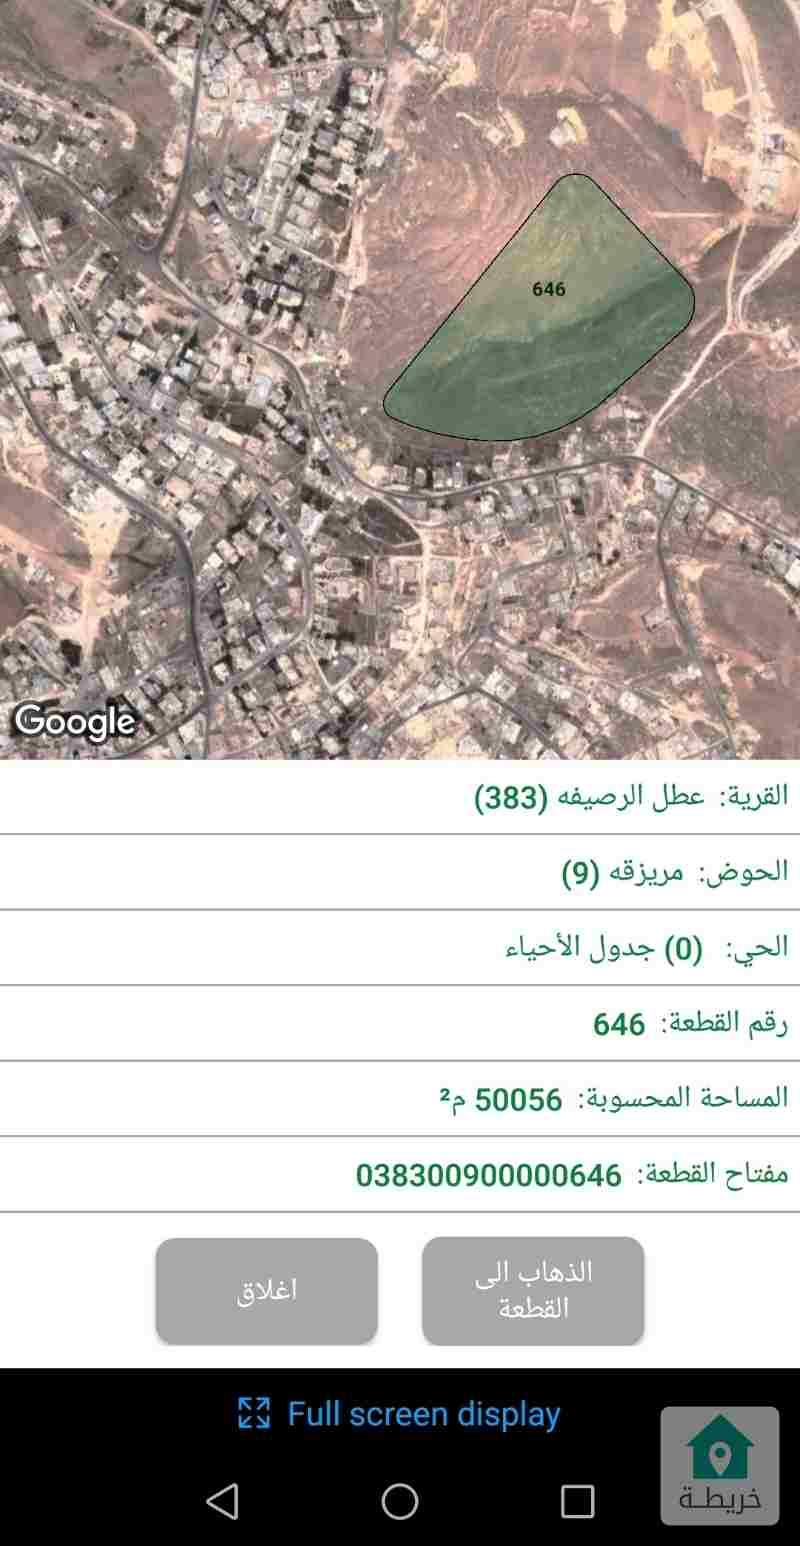 قطعة أرض ٥٠ دونم تنظيم سكني د